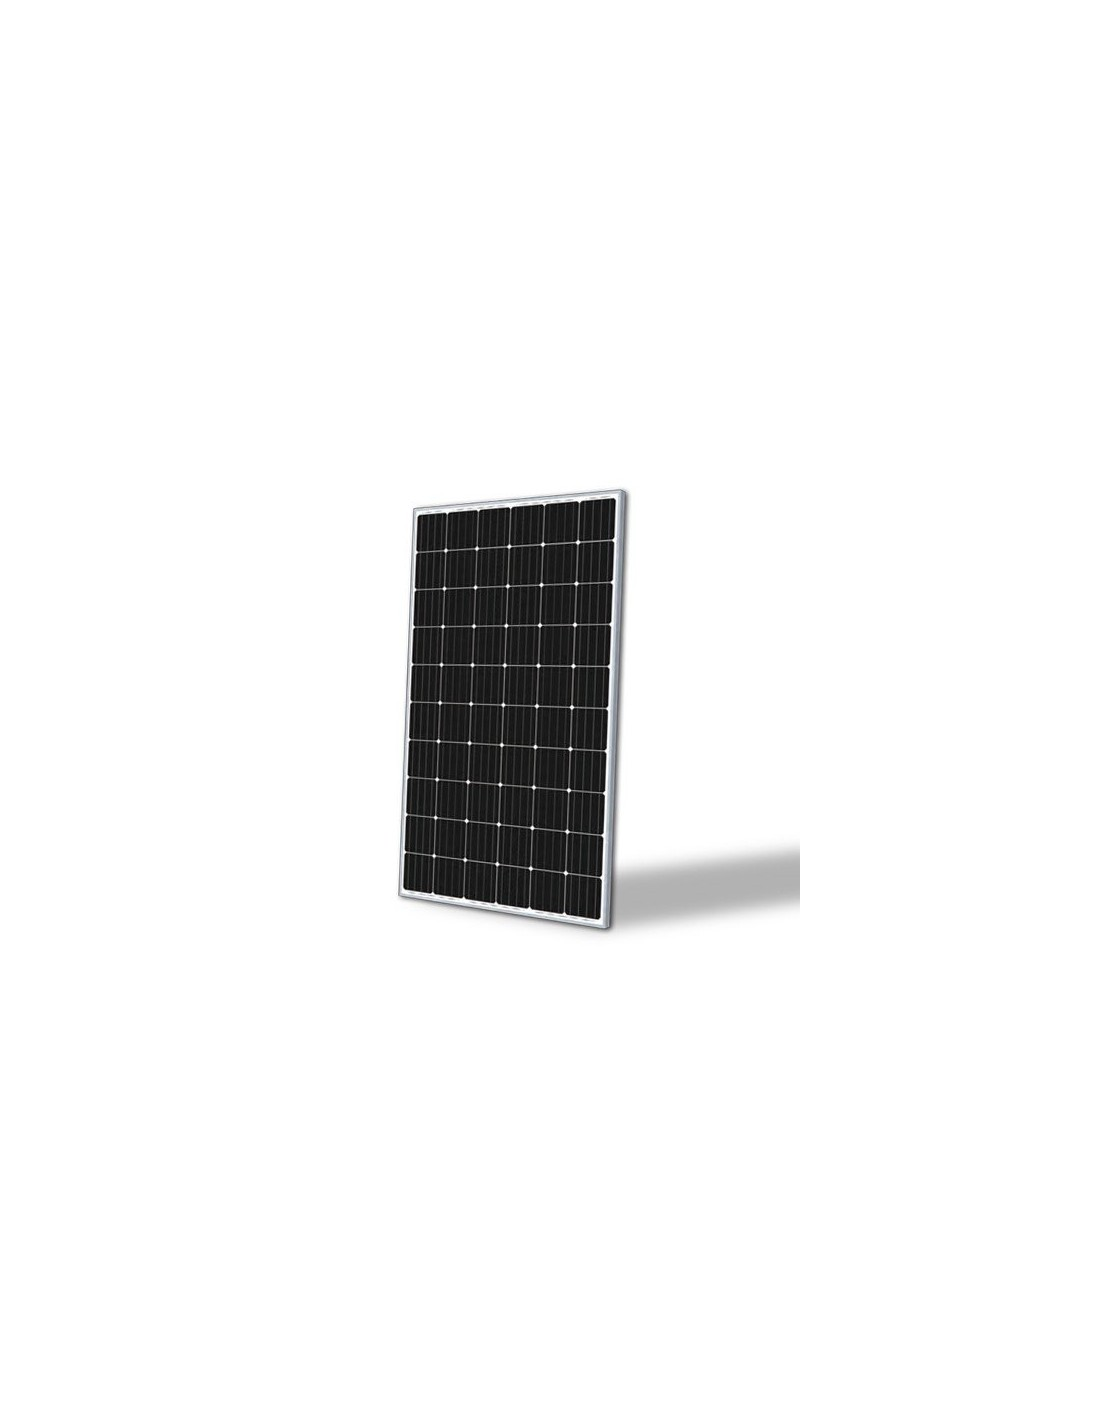 Pannello Solare Per Baita : Pannello solare fotovoltaico w v monocristallino casa